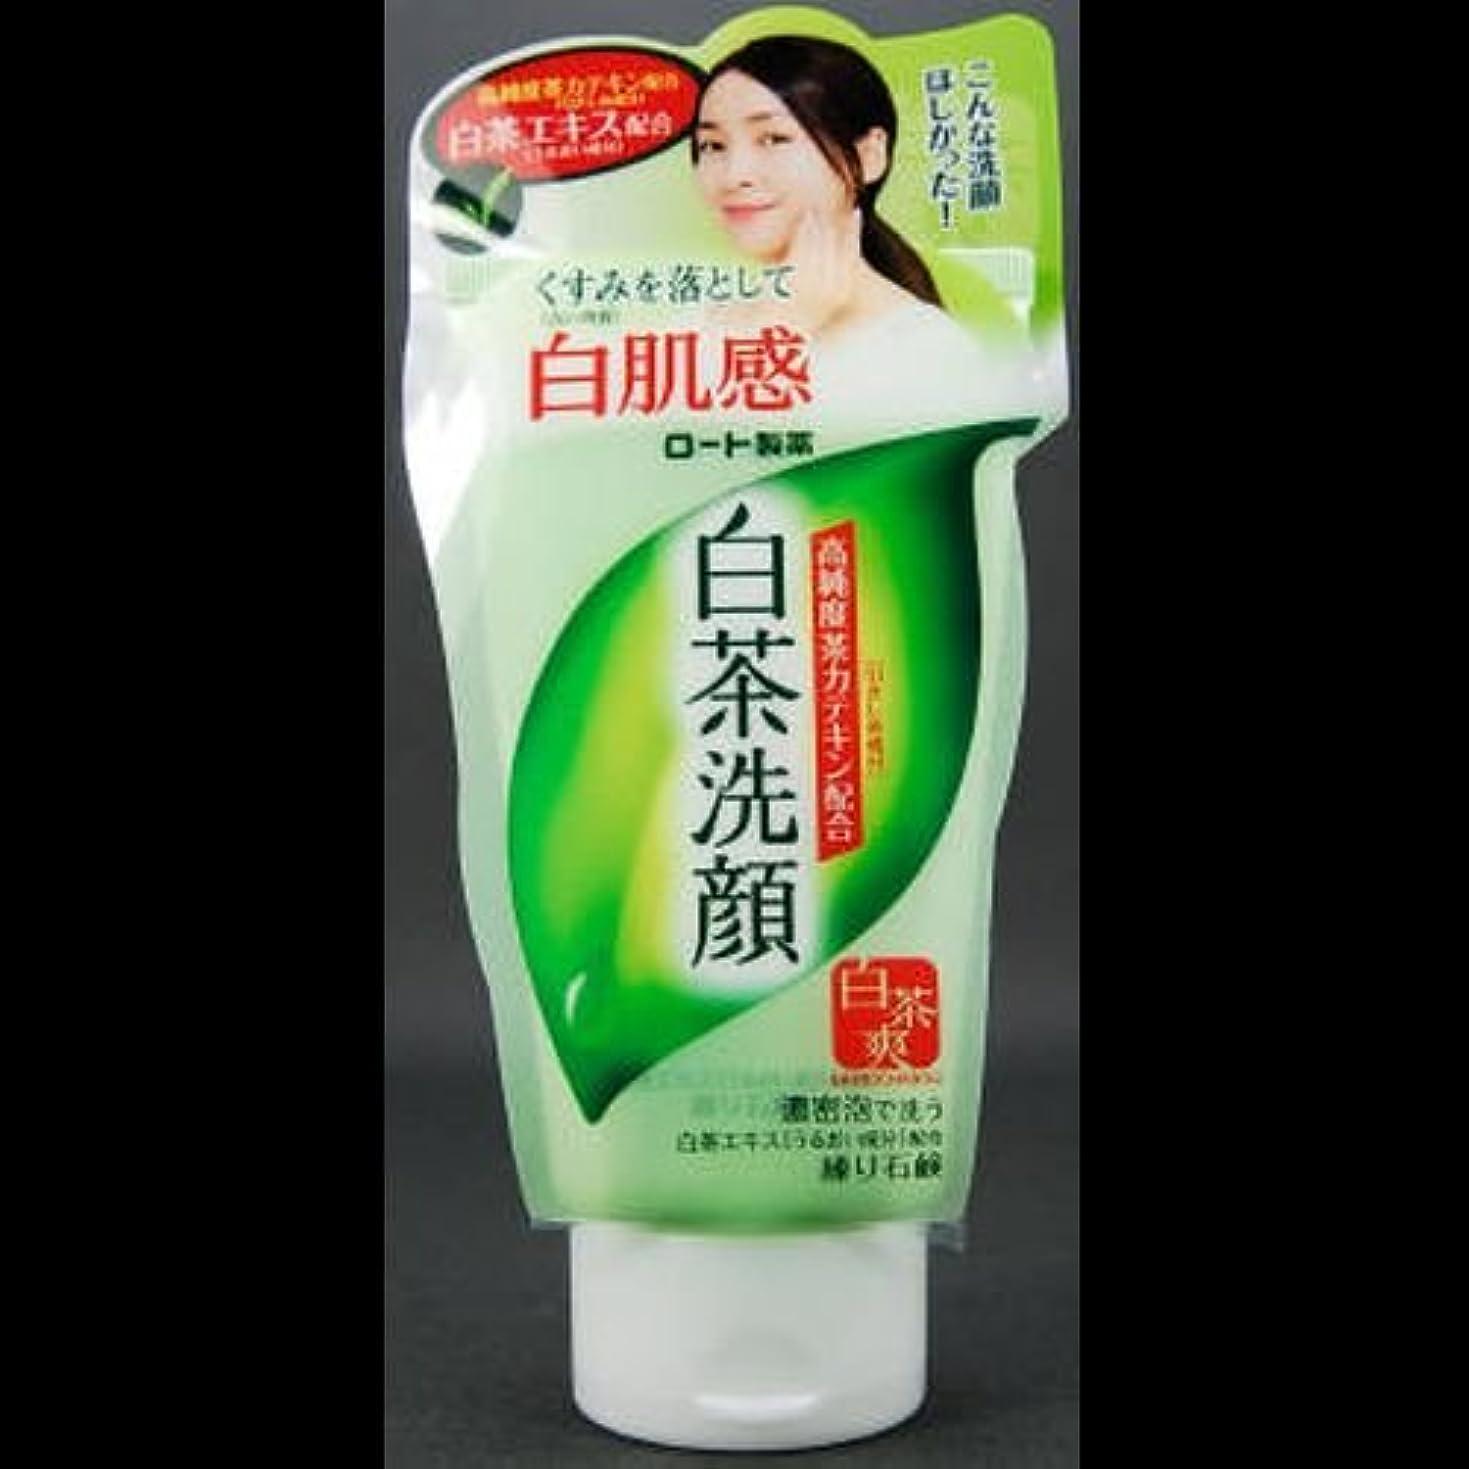 夜明け浸漬アマチュア【まとめ買い】白茶爽 白茶練り石鹸 ×2セット